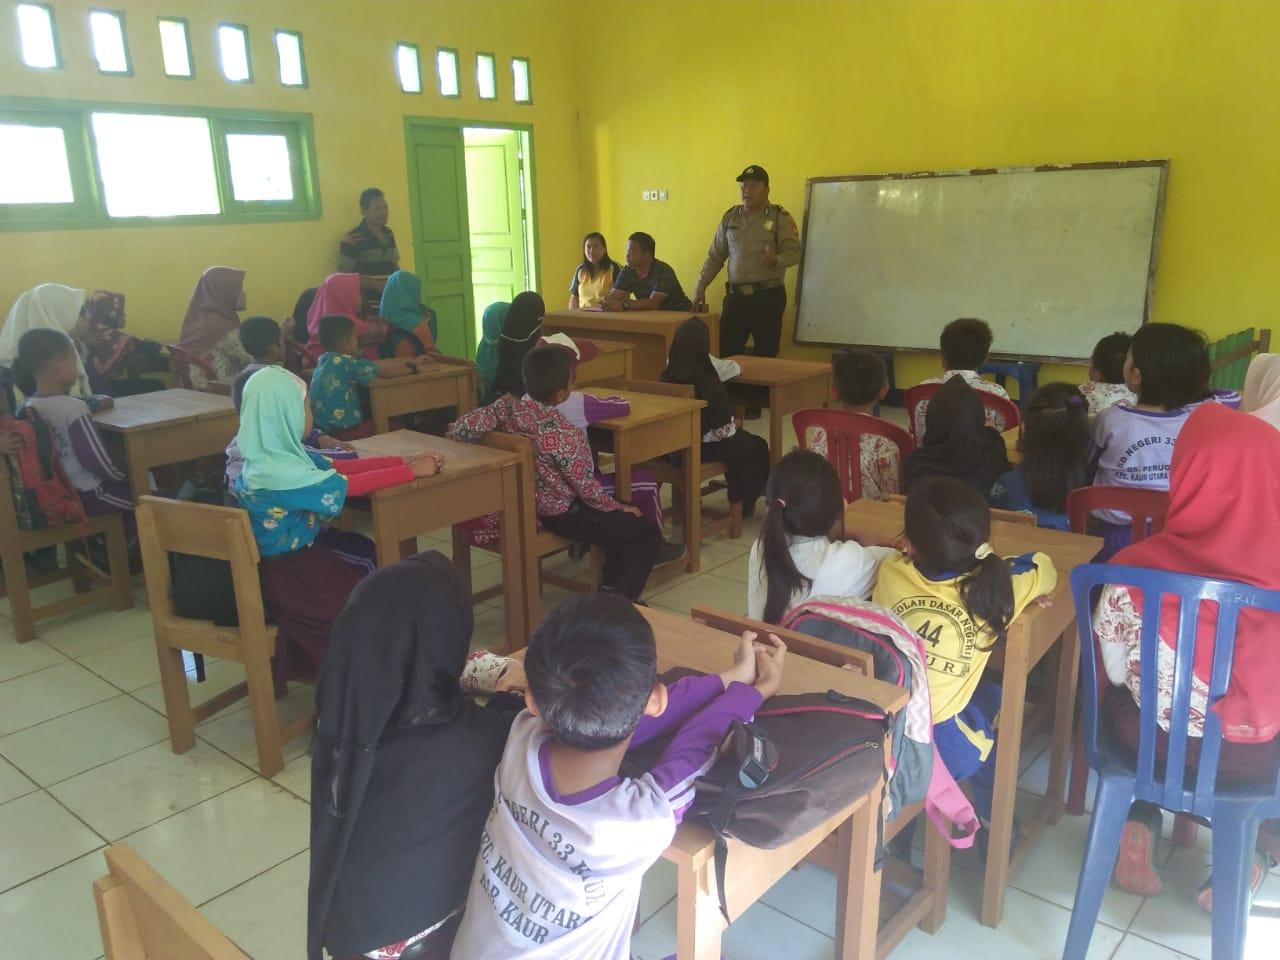 Cegah Penculikan, Polsek Kaur Utara Gelar Binluh di Sekolah